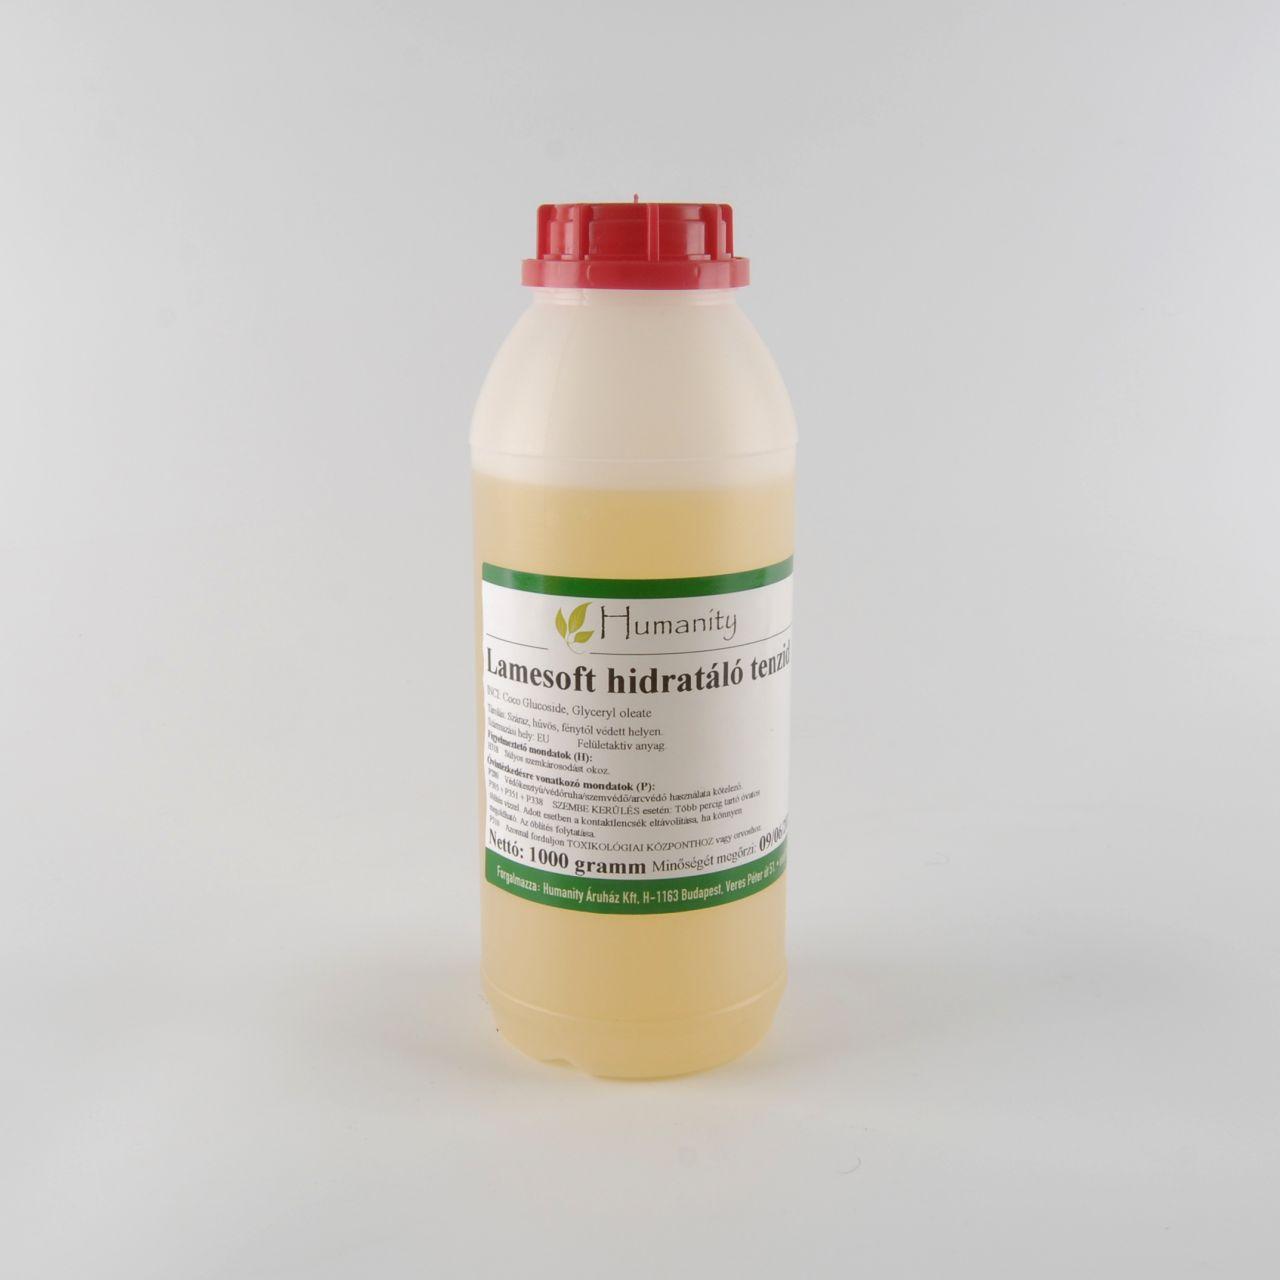 Lamesoft hidratáló tenzid 1000 g